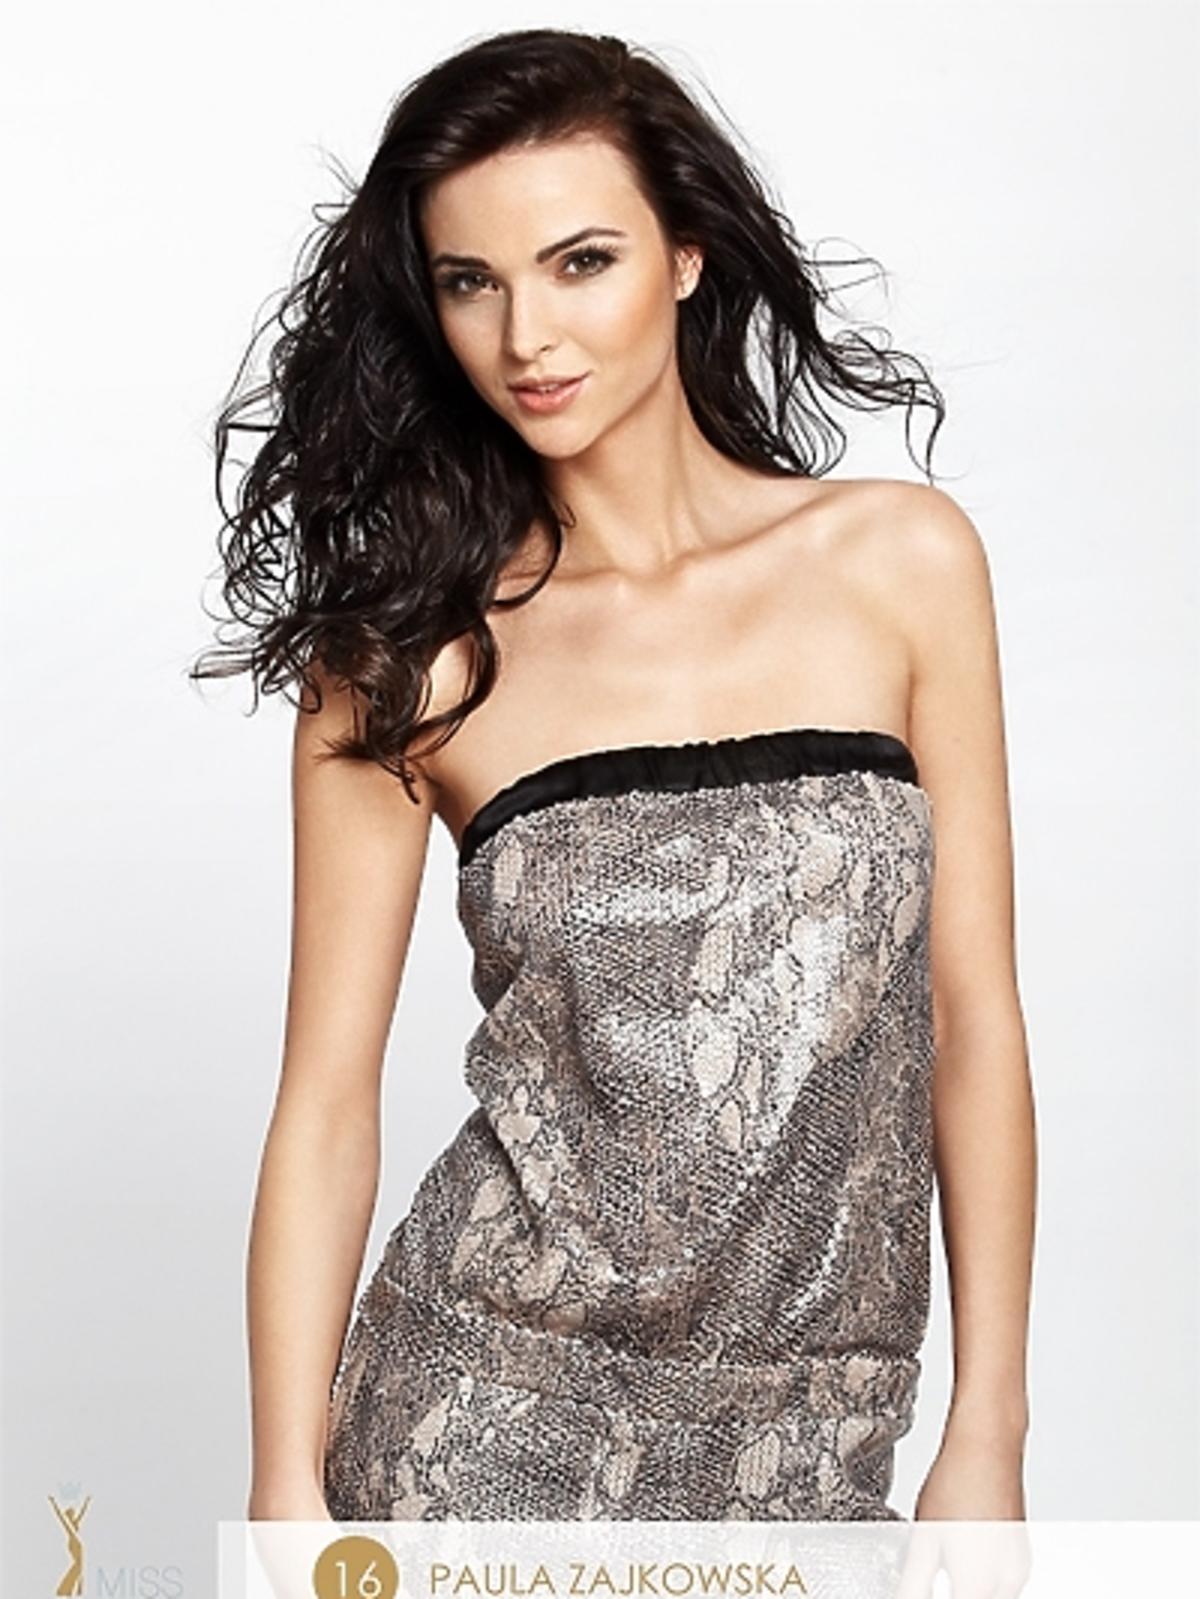 Paulina Zajkowska - kandydatka do tytułu Miss Polonia 2012